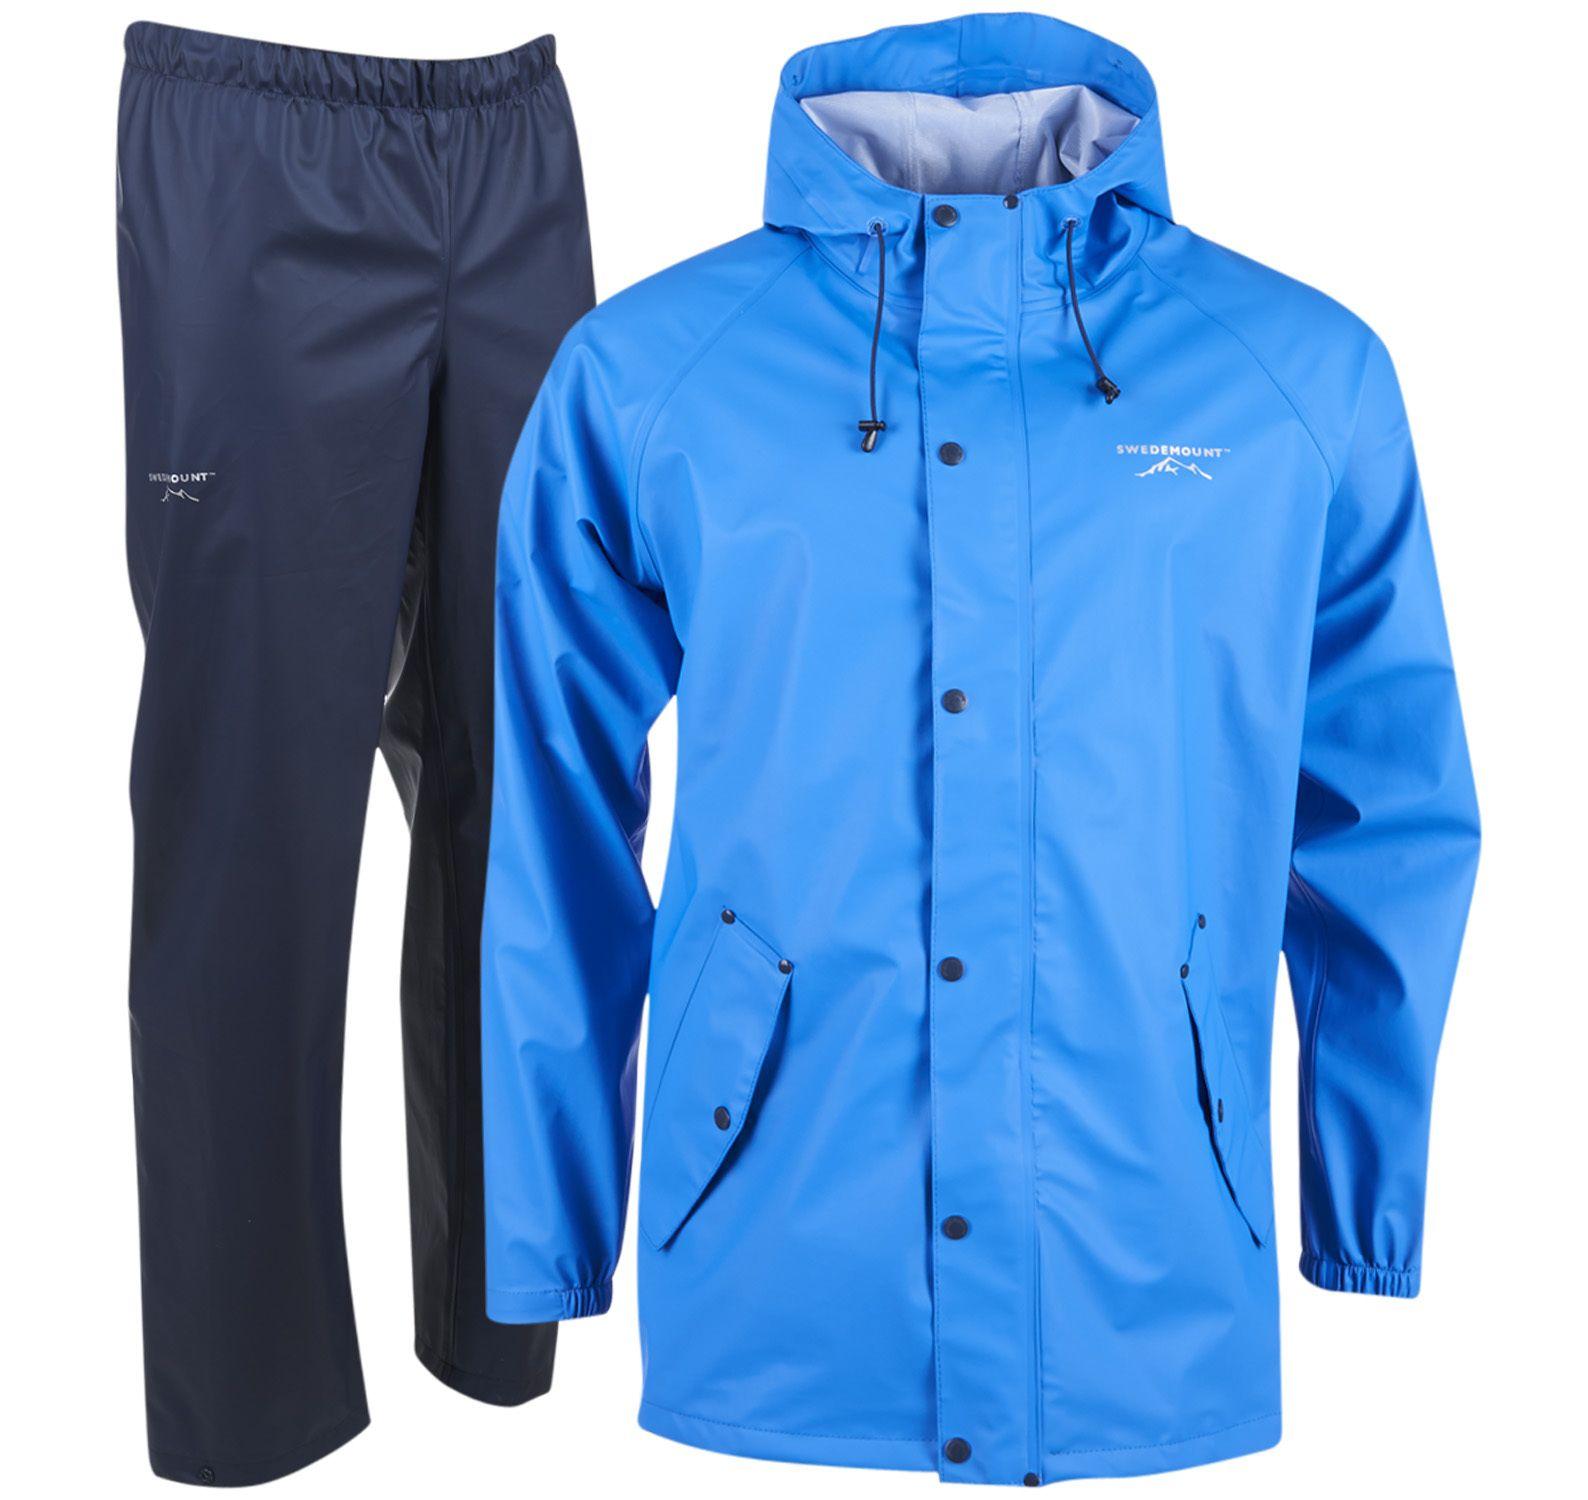 tjärnö rain set, blue/navy, l, regnkläder